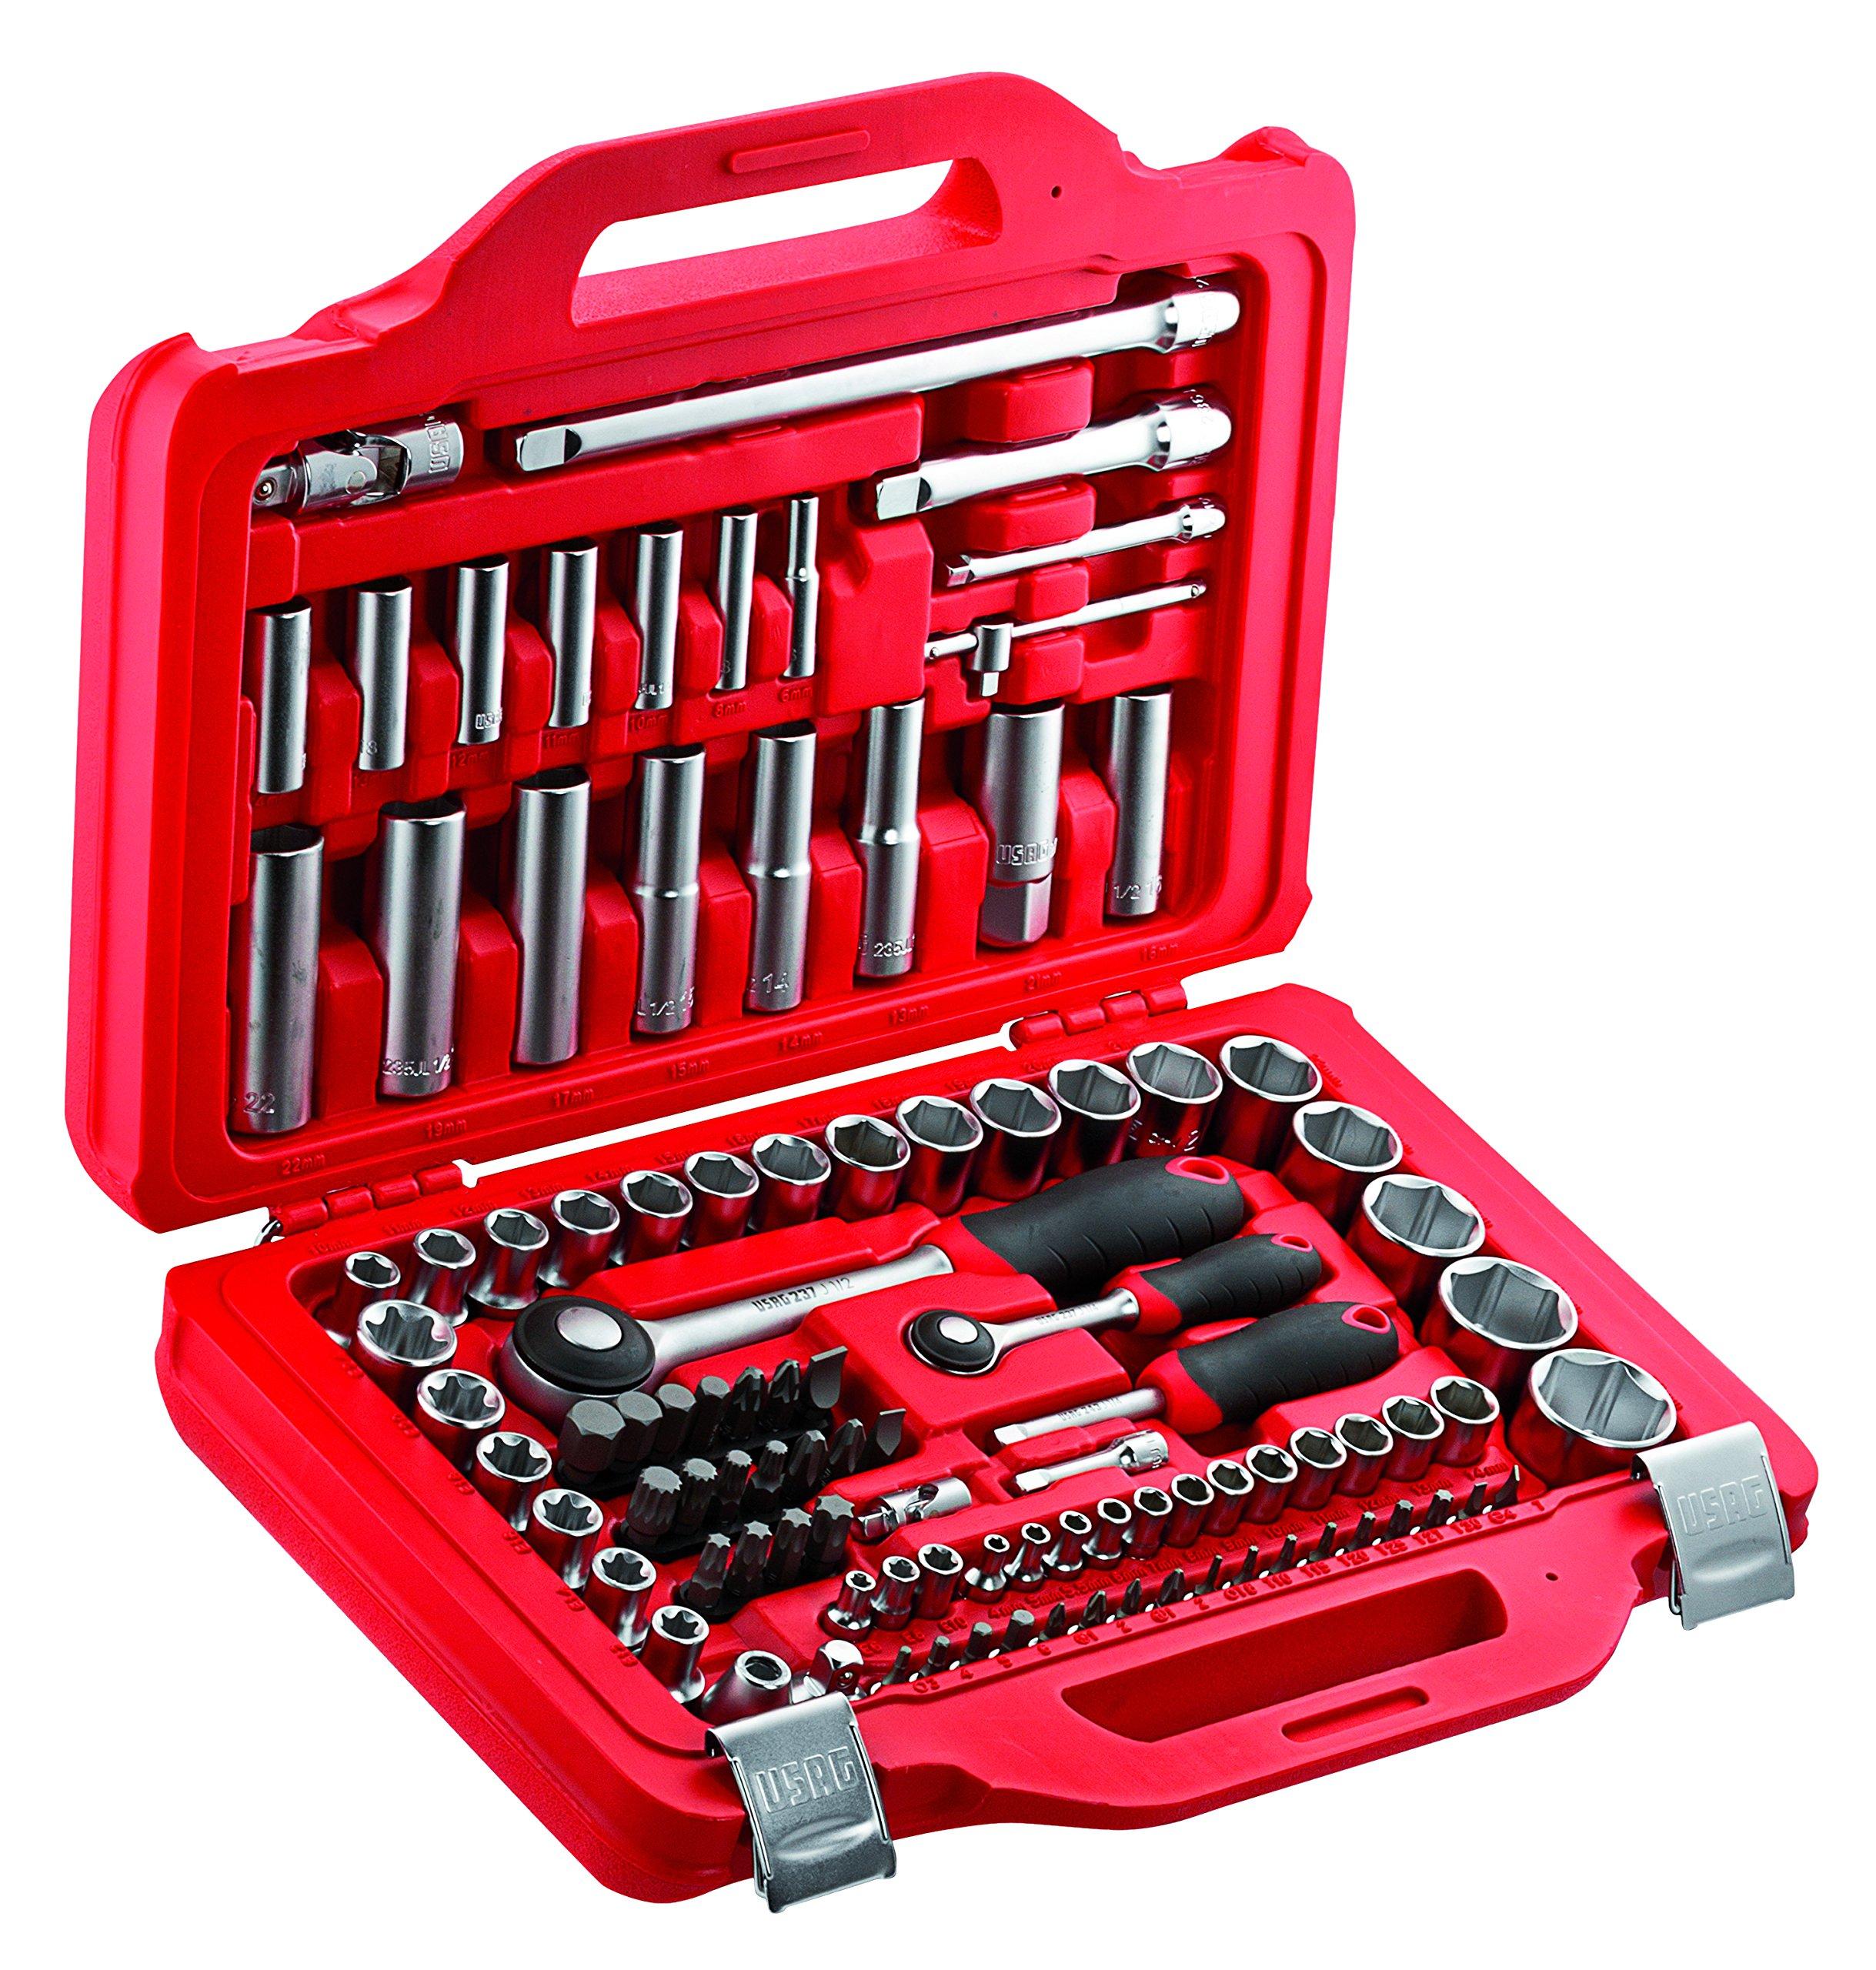 USAG U06010011 - Pack de 100 piezas surtido de llaves de vaso hexagonales y puntas en caja modular: Amazon.es: Bricolaje y herramientas